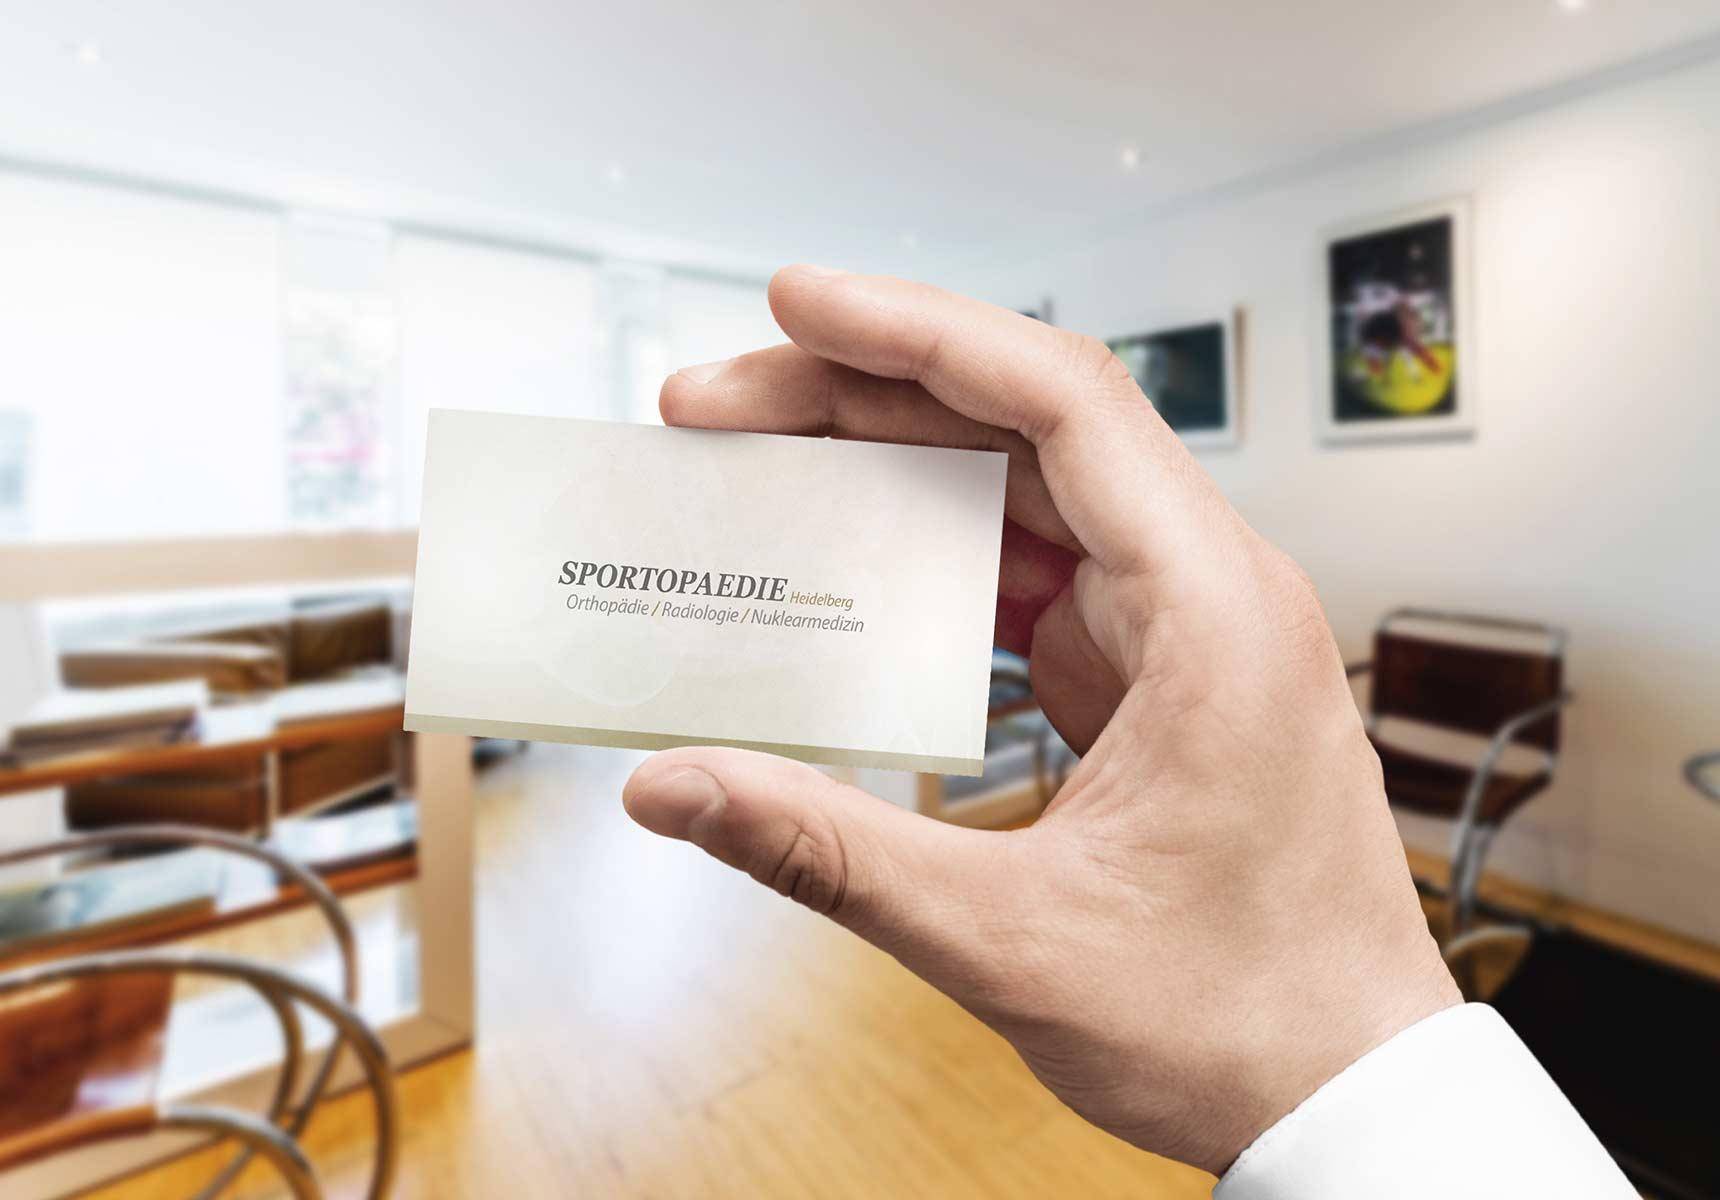 lr praxismarketing sportopaedie praxis visitenkarte arzt 6 - Langenstein & Reichenthaler - Agentur für Praxismarketing